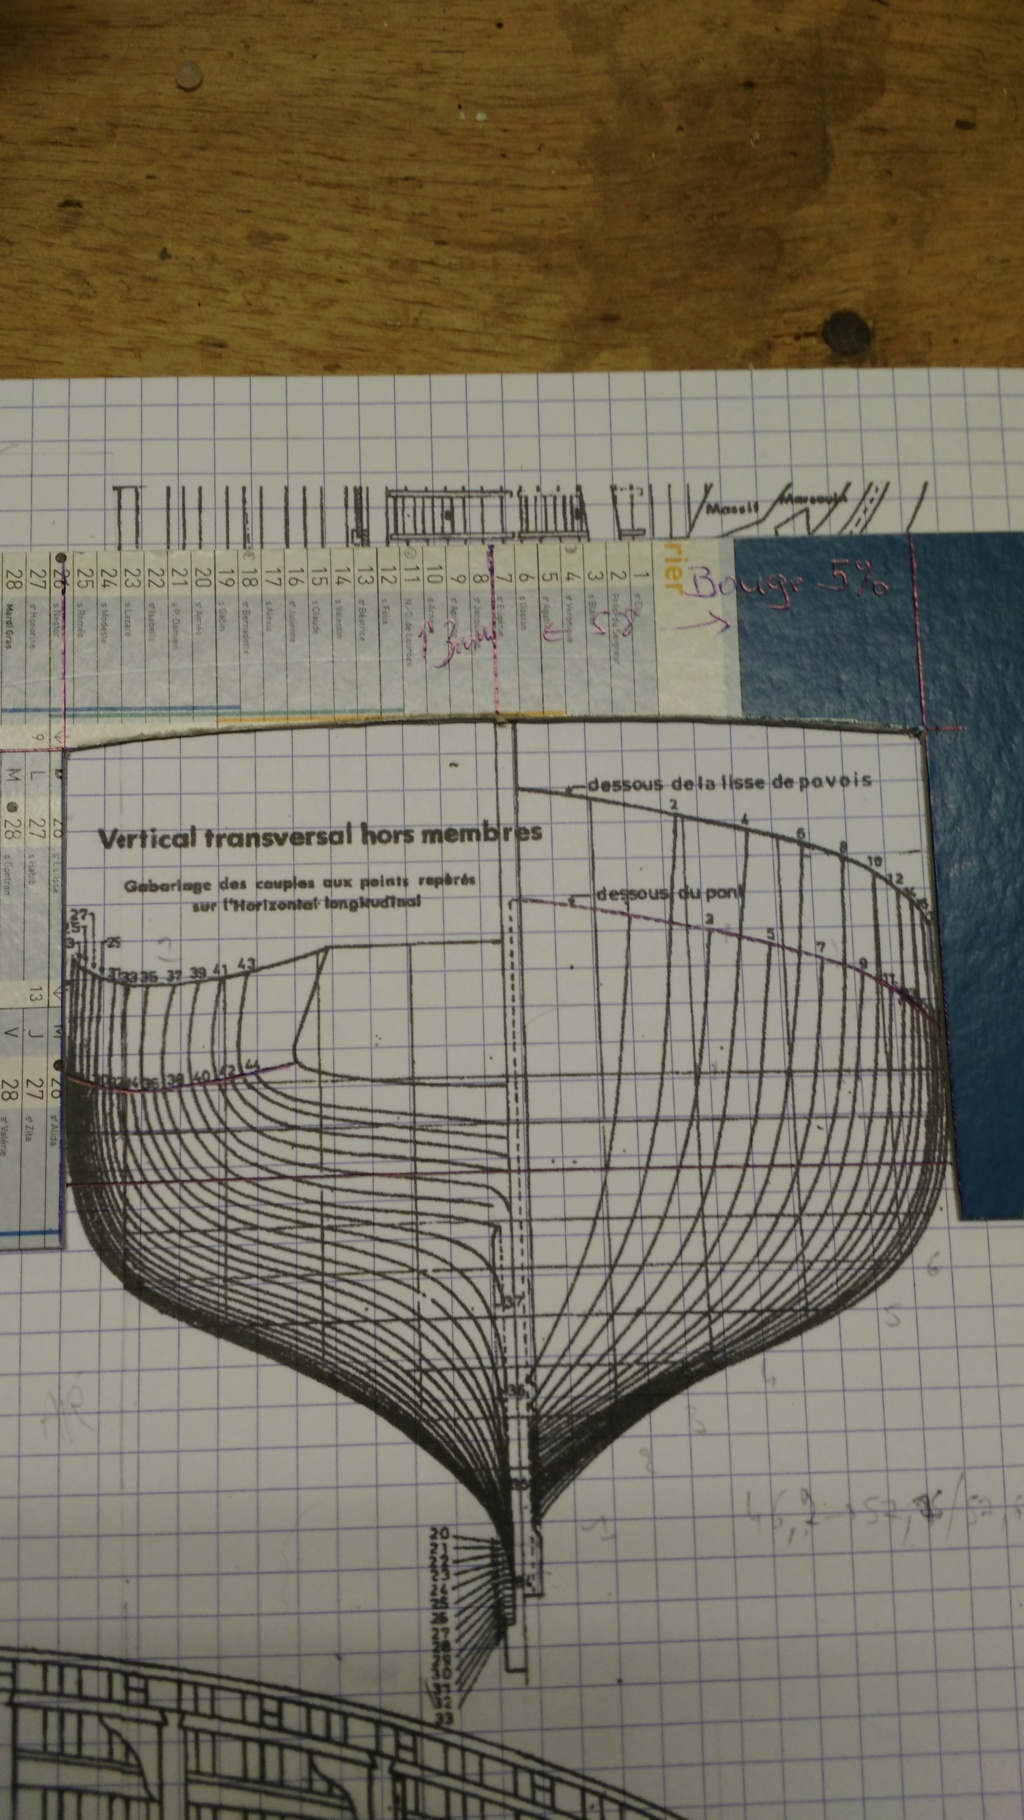 BISQUINE - 1/40 - Sur plan. Bild1412